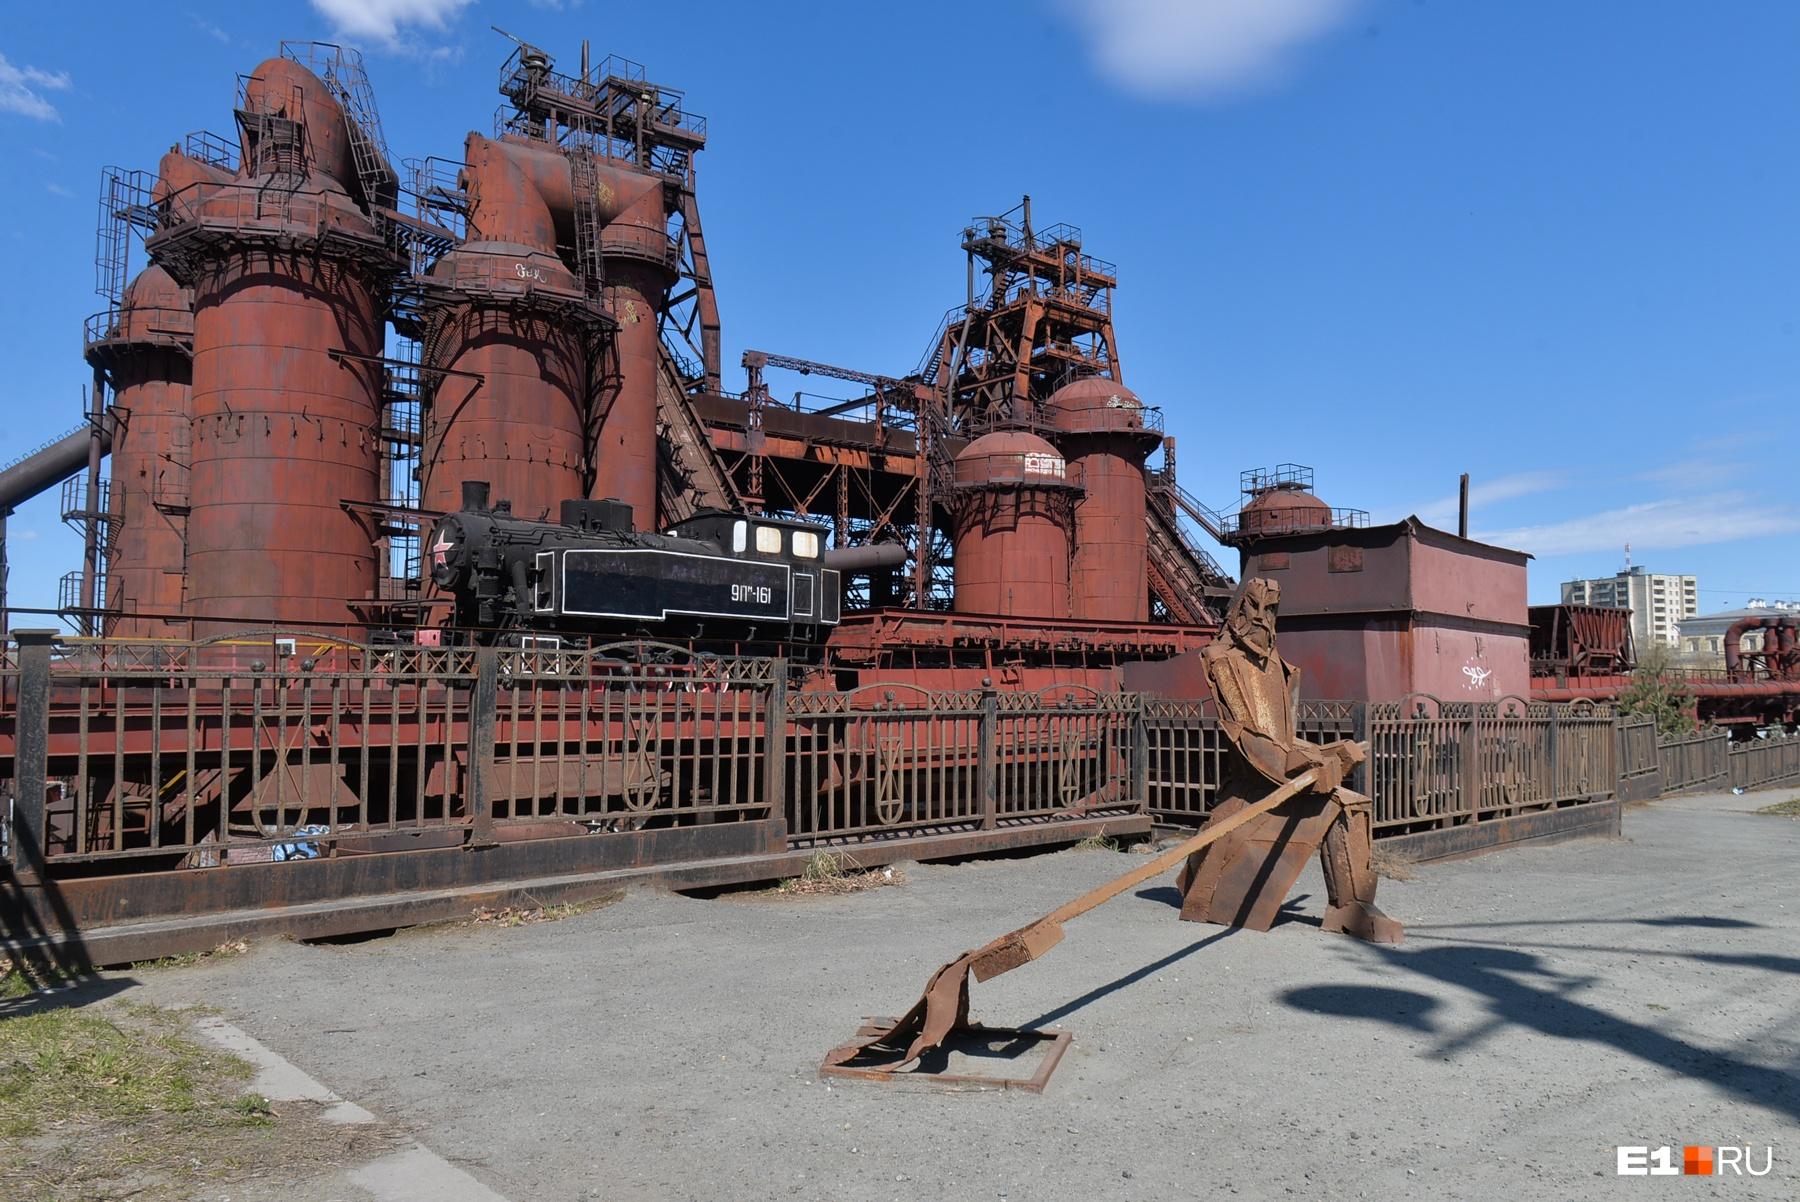 Перед заводом со стороны плотины стоит жестяной металлург. Суровый!